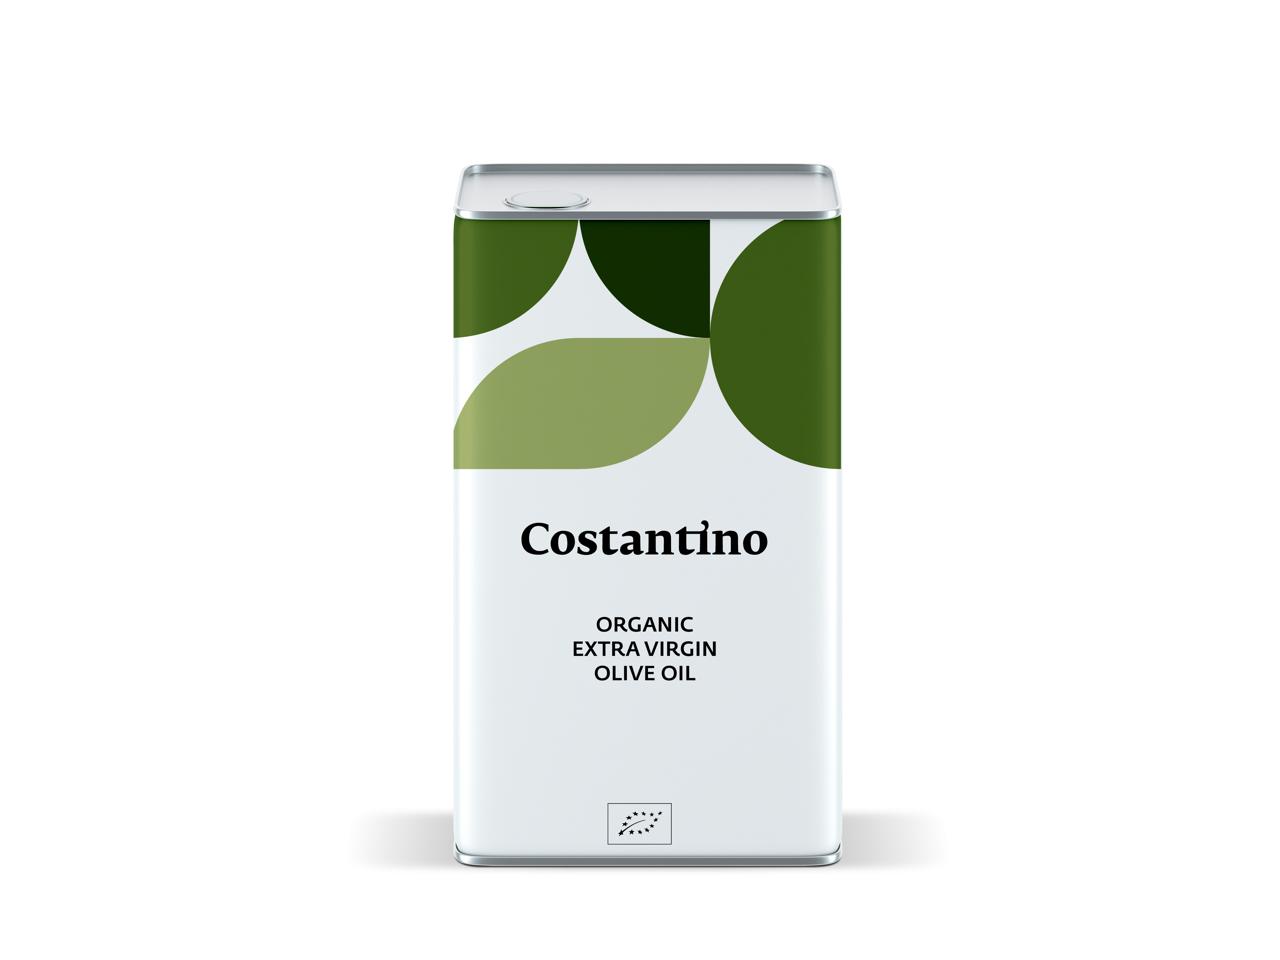 Costantino - Olio Extra Vergine d'Oliva Biologico - latta da 5l